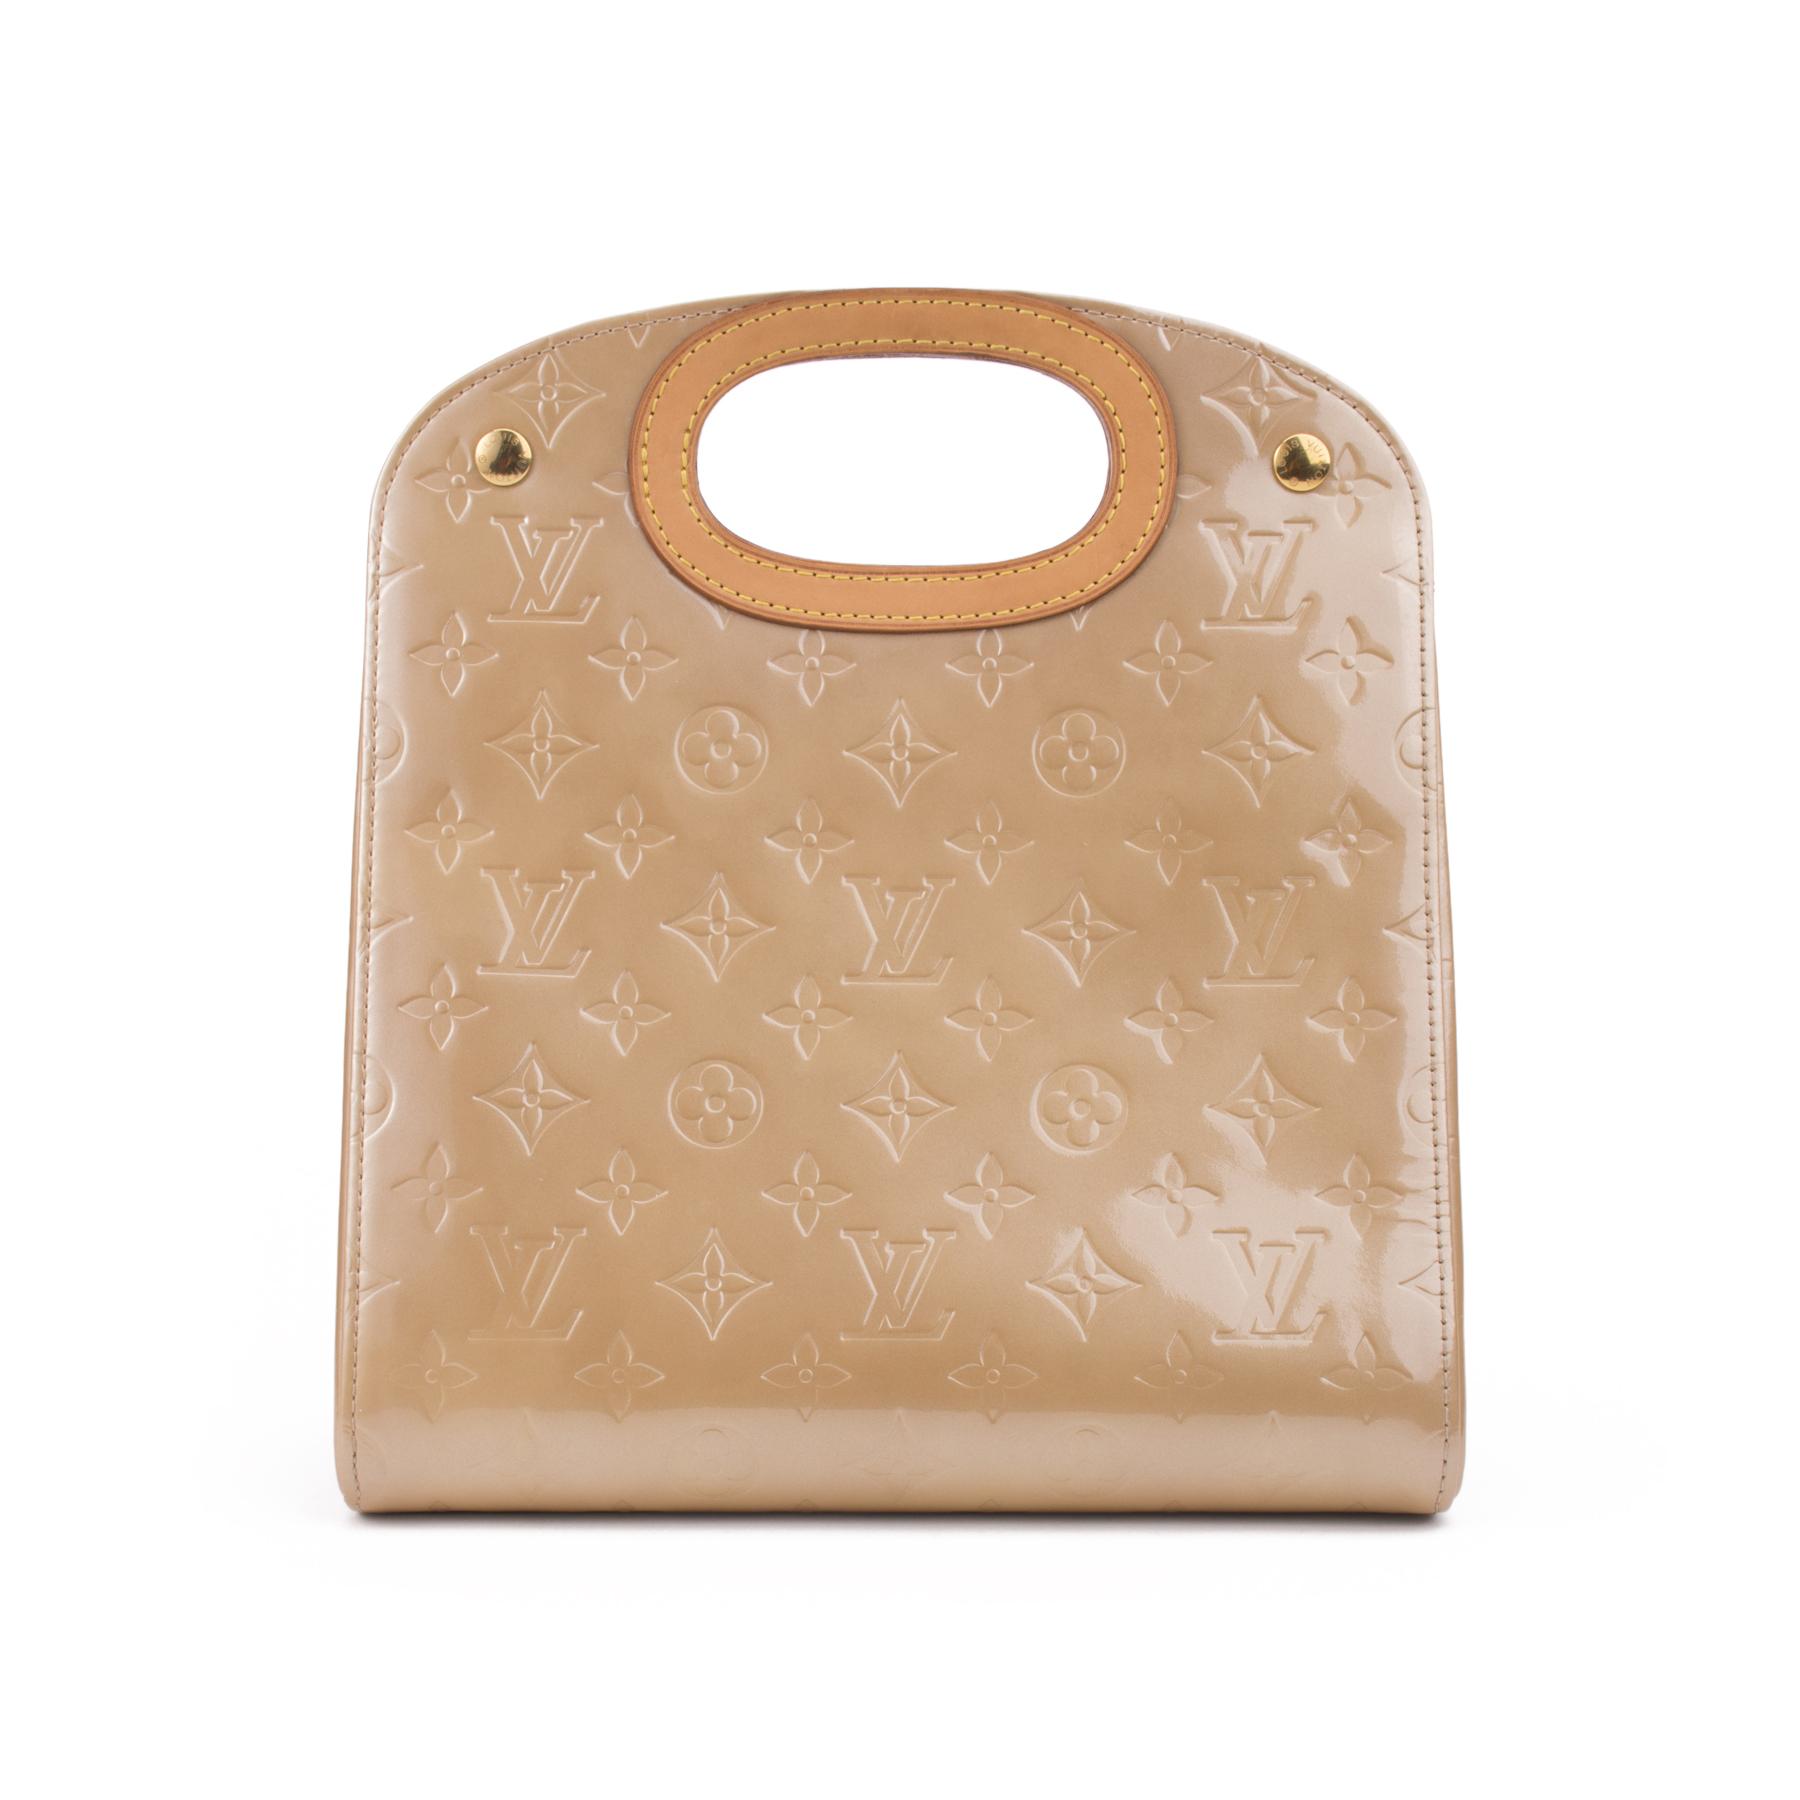 9eefa5b303e2 Authentic Second Hand Louis Vuitton Vernis Maple Drive Bag (PSS-291-00002)